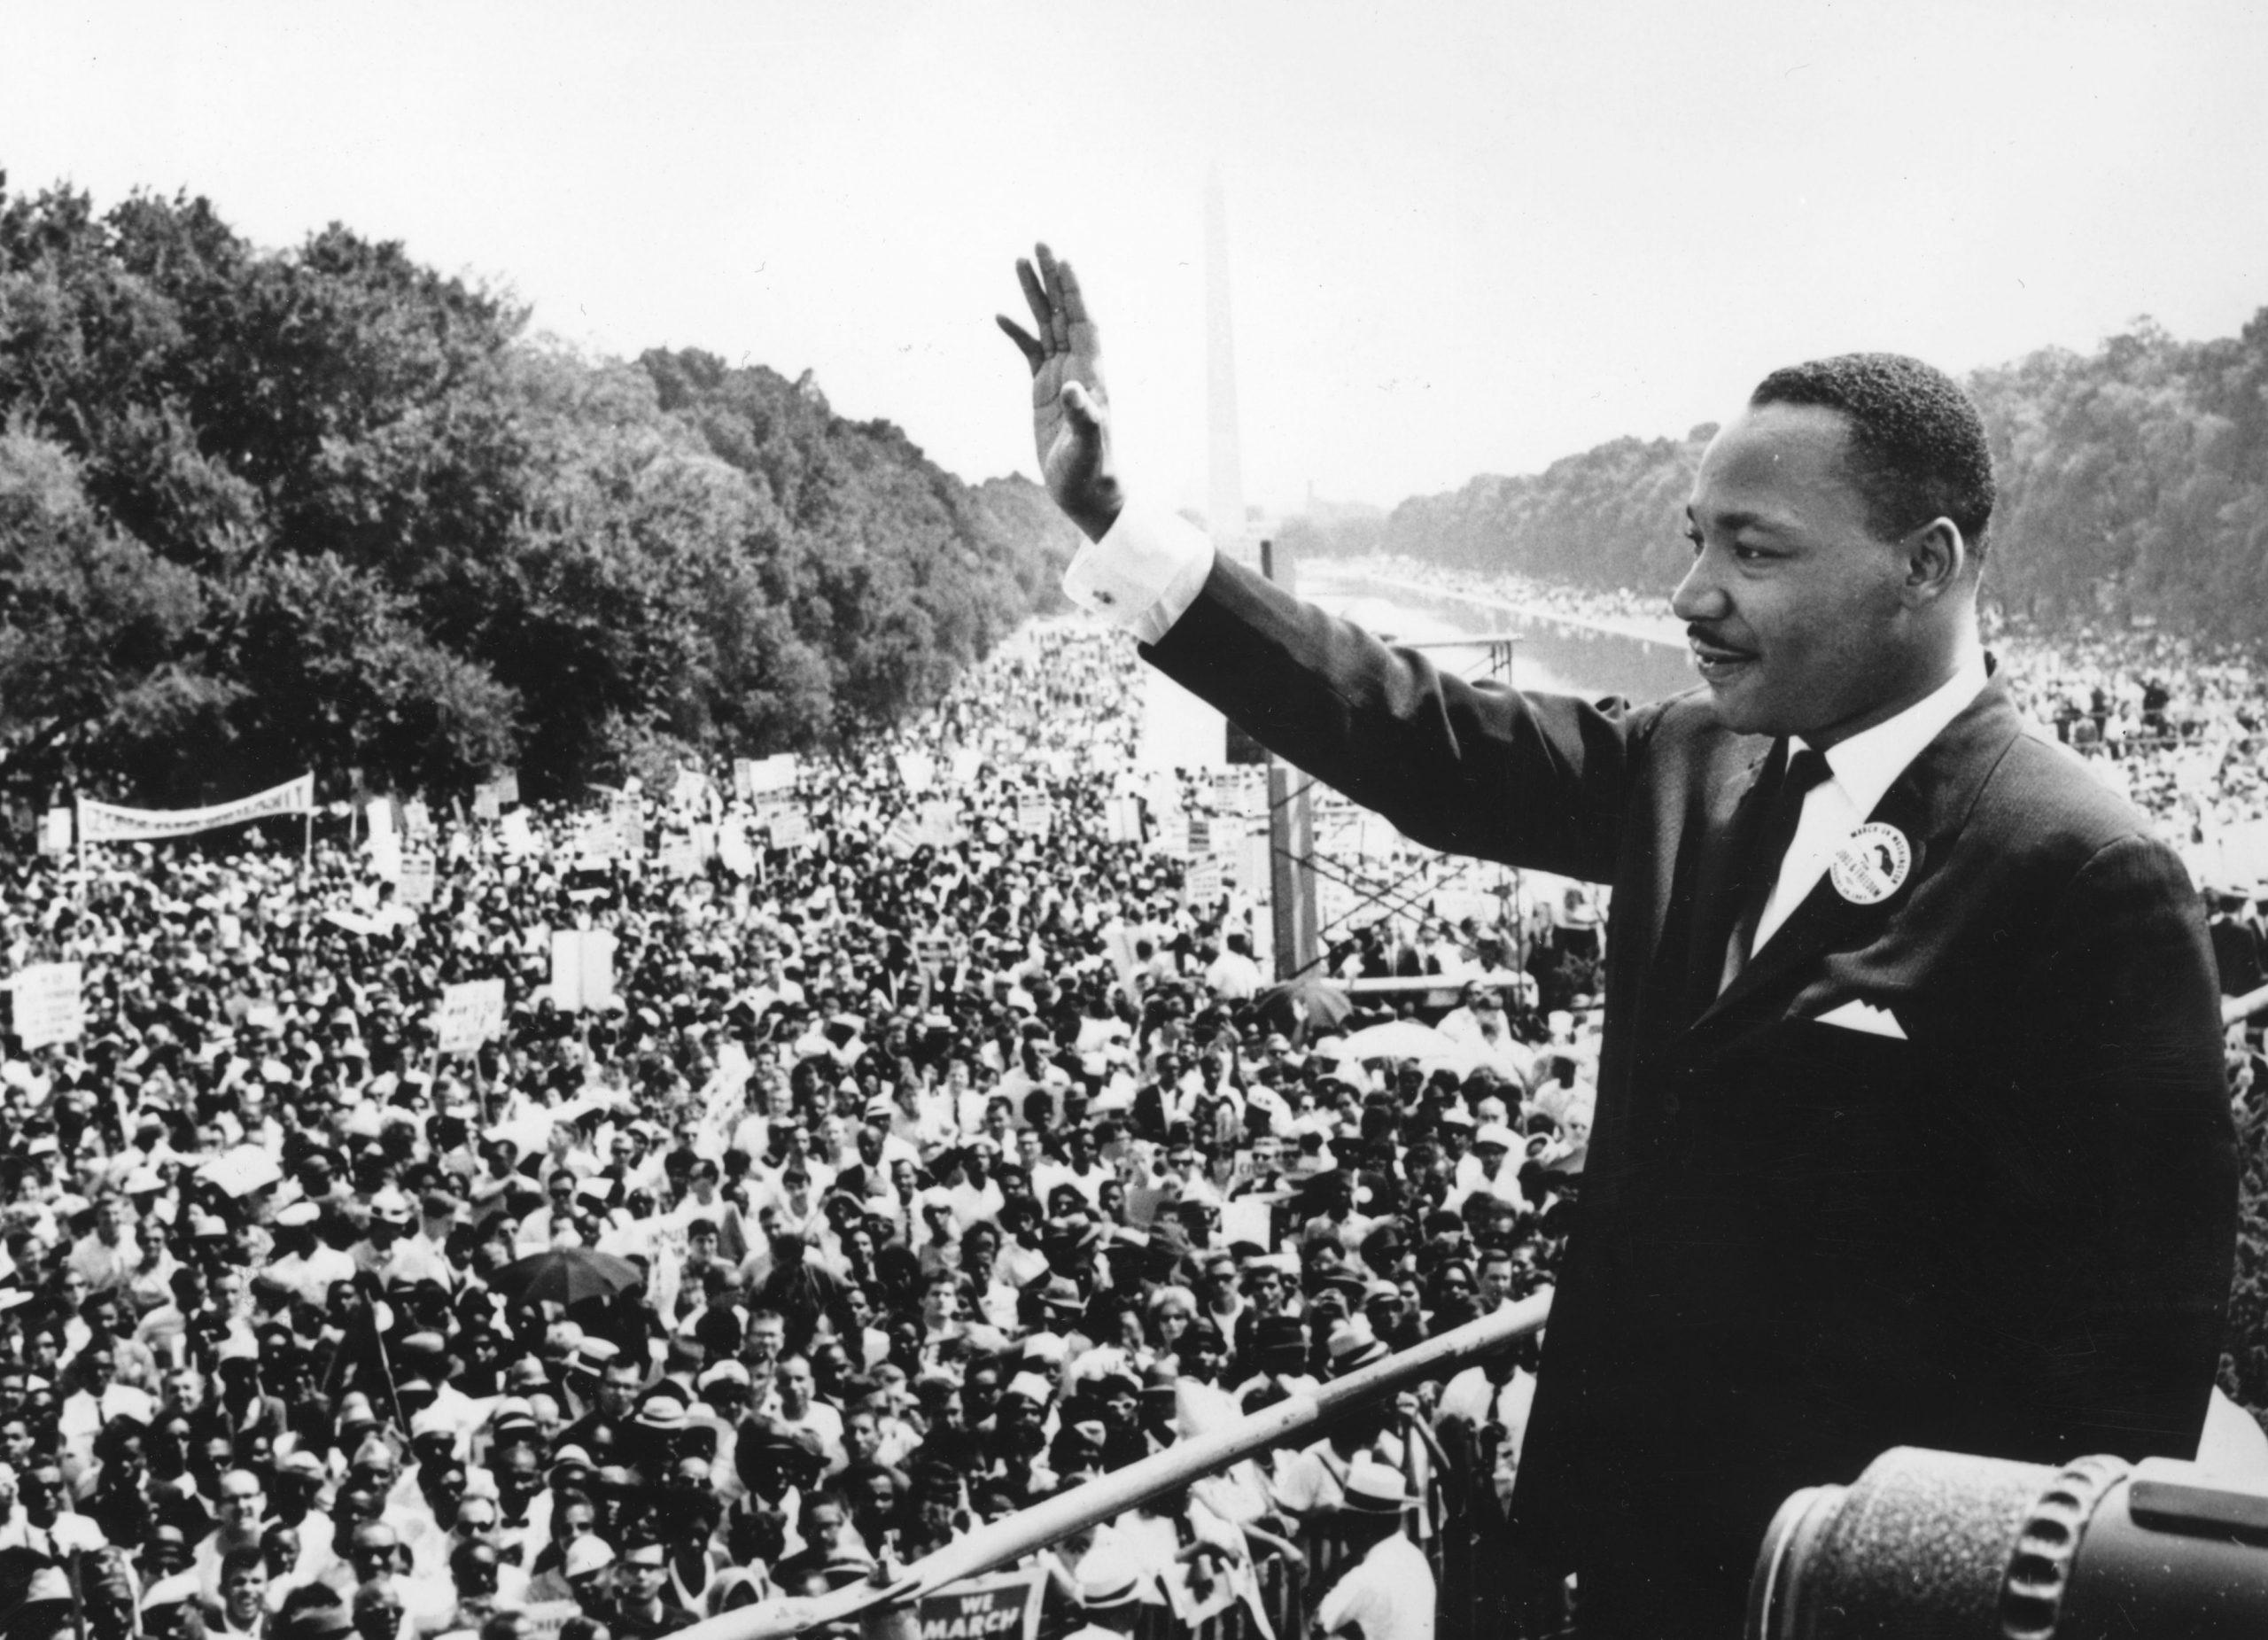 """Milhares de pessoas são aguardadas em Washington nesta sexta-feira (28) para uma manifestação antirracismo e para celebrar o aniversário do lendário discurso do líder Martin Luther King, """"I have a dream"""", de 1963. AFP/Archives"""